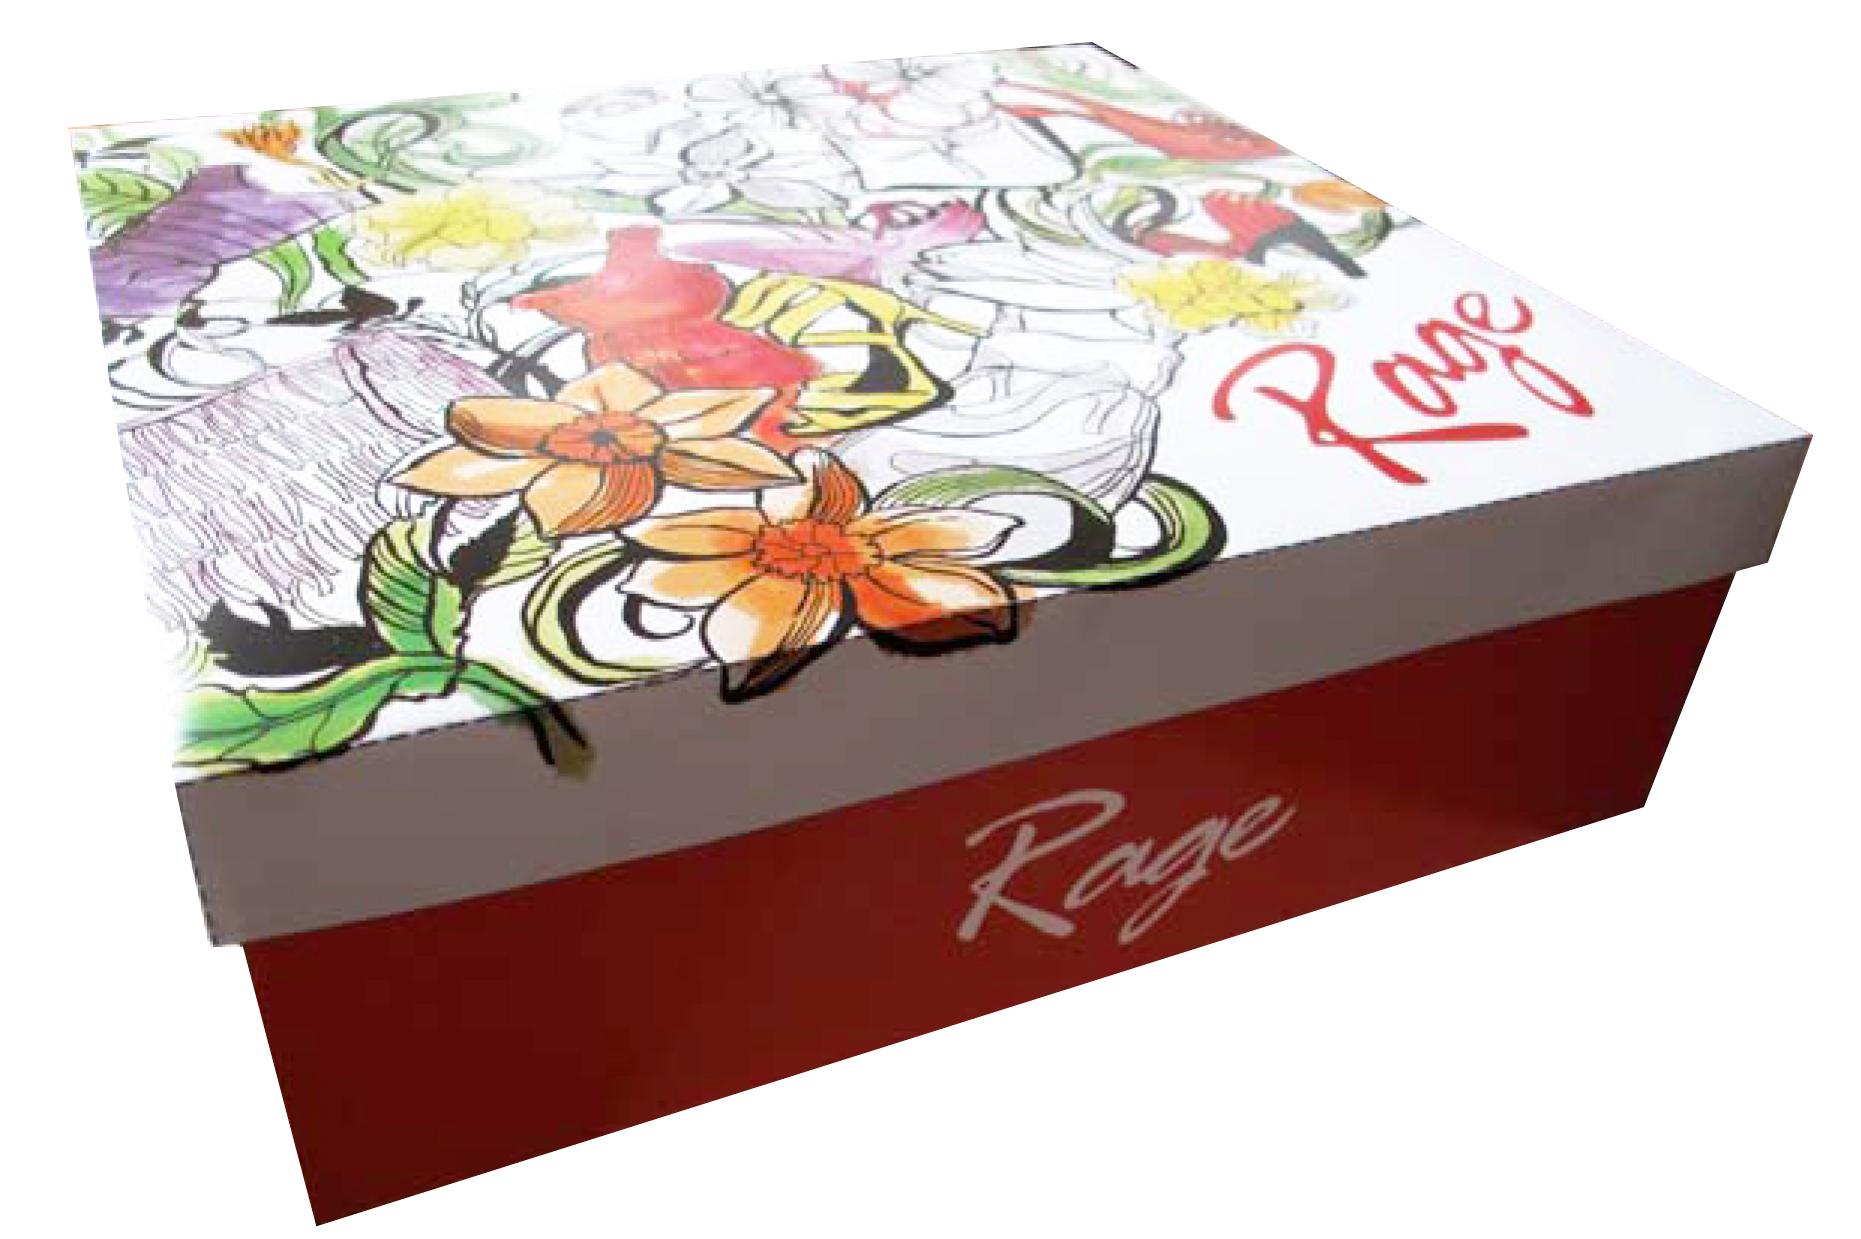 Rage womens packaging box.jpg